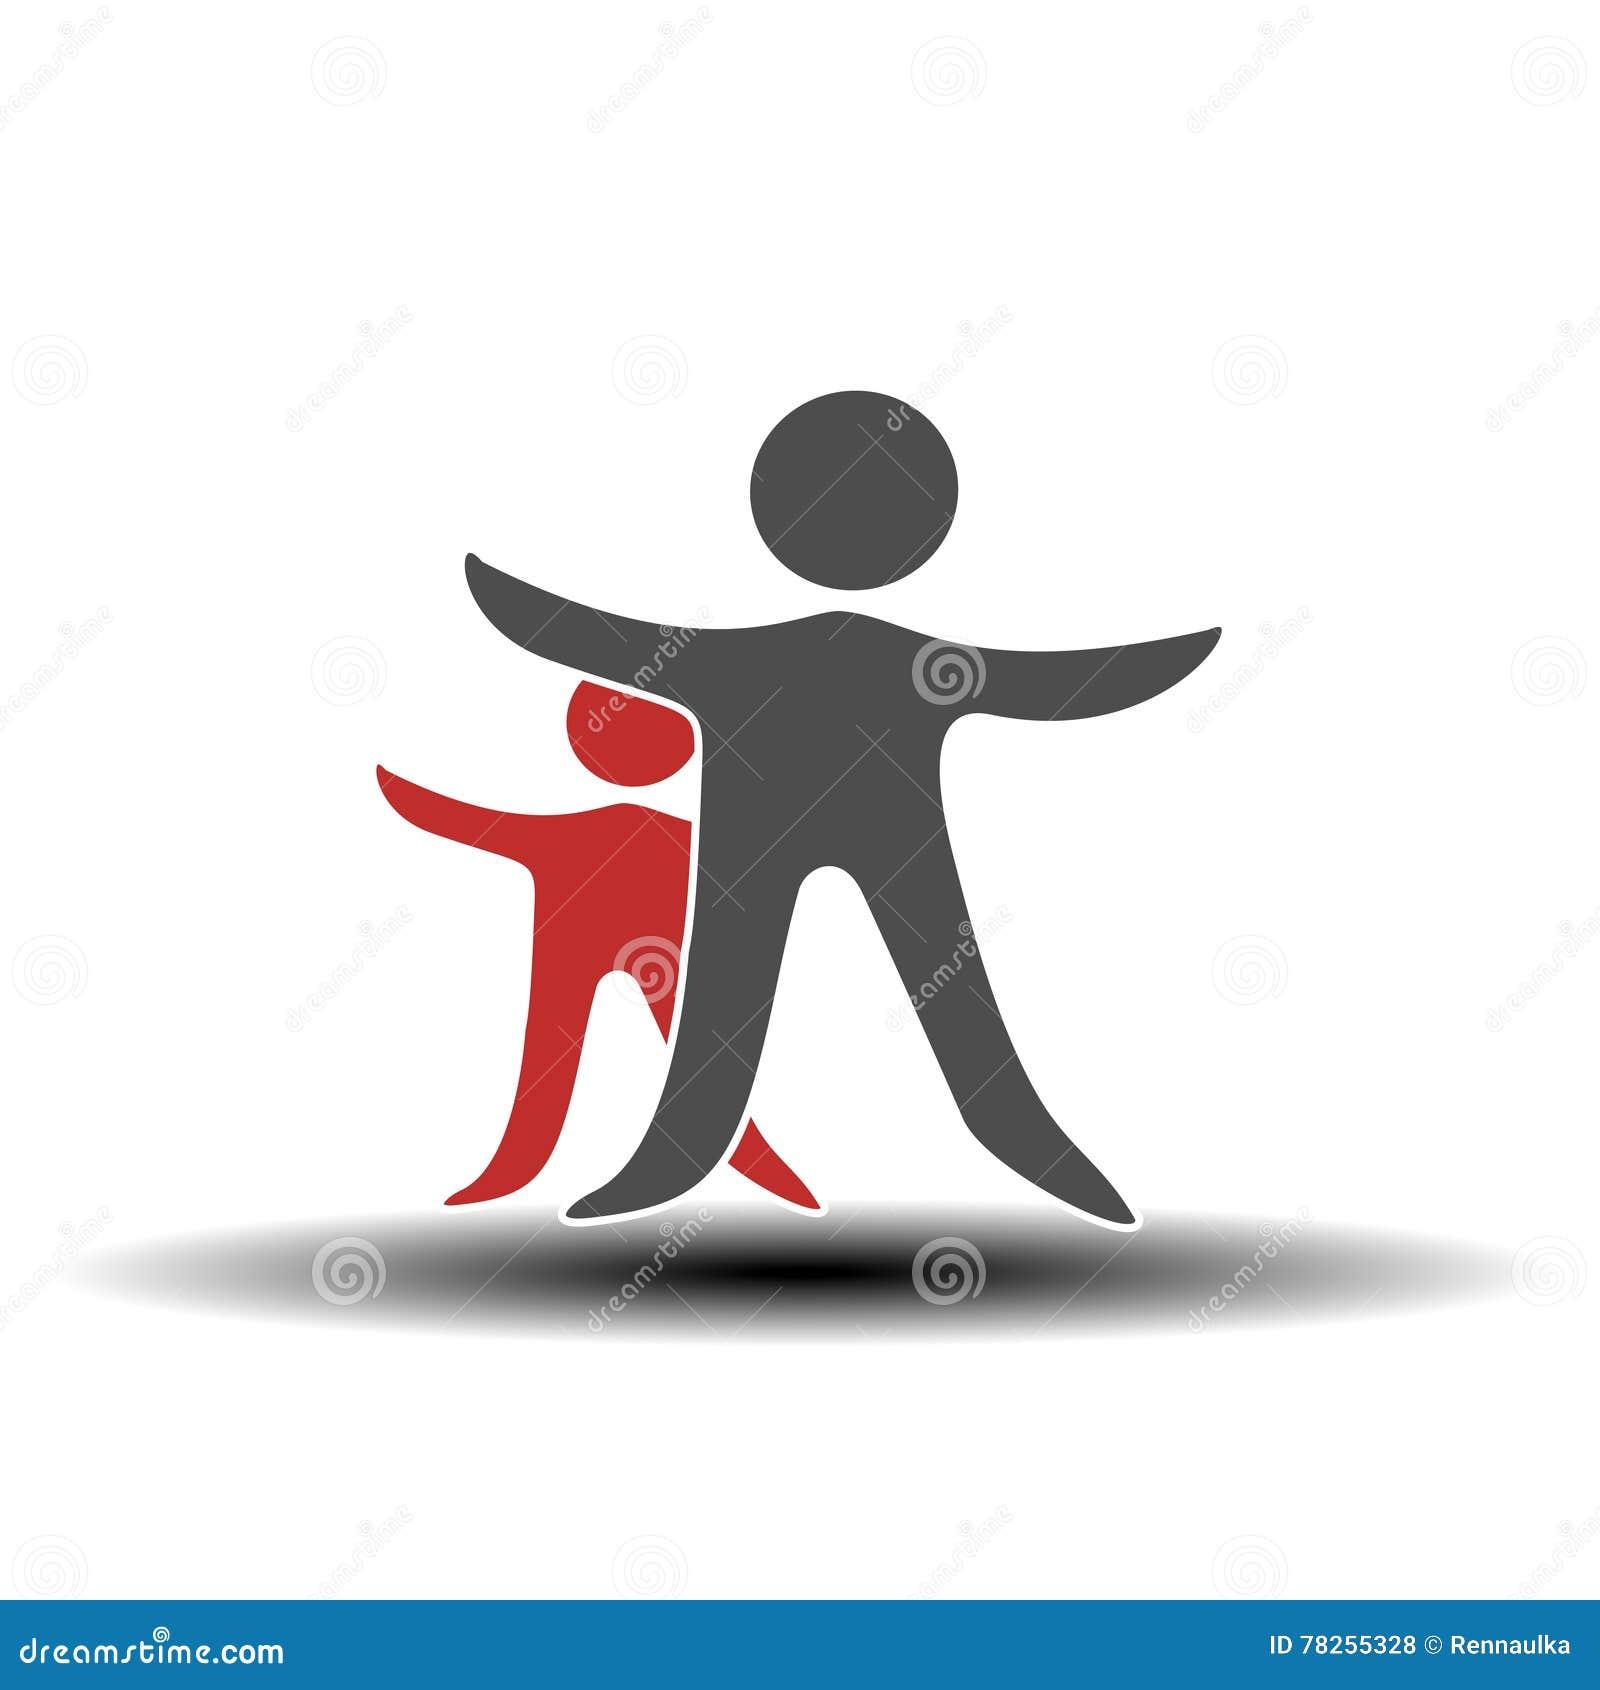 Μαζί ενωμένο εικονίδιο ανθρώπων Κόκκινο και γκρίζο κοινοτικό σύμβολο Ανθρώπινο σημάδι δύο συνεργατών Silhouttes του σώματος με το